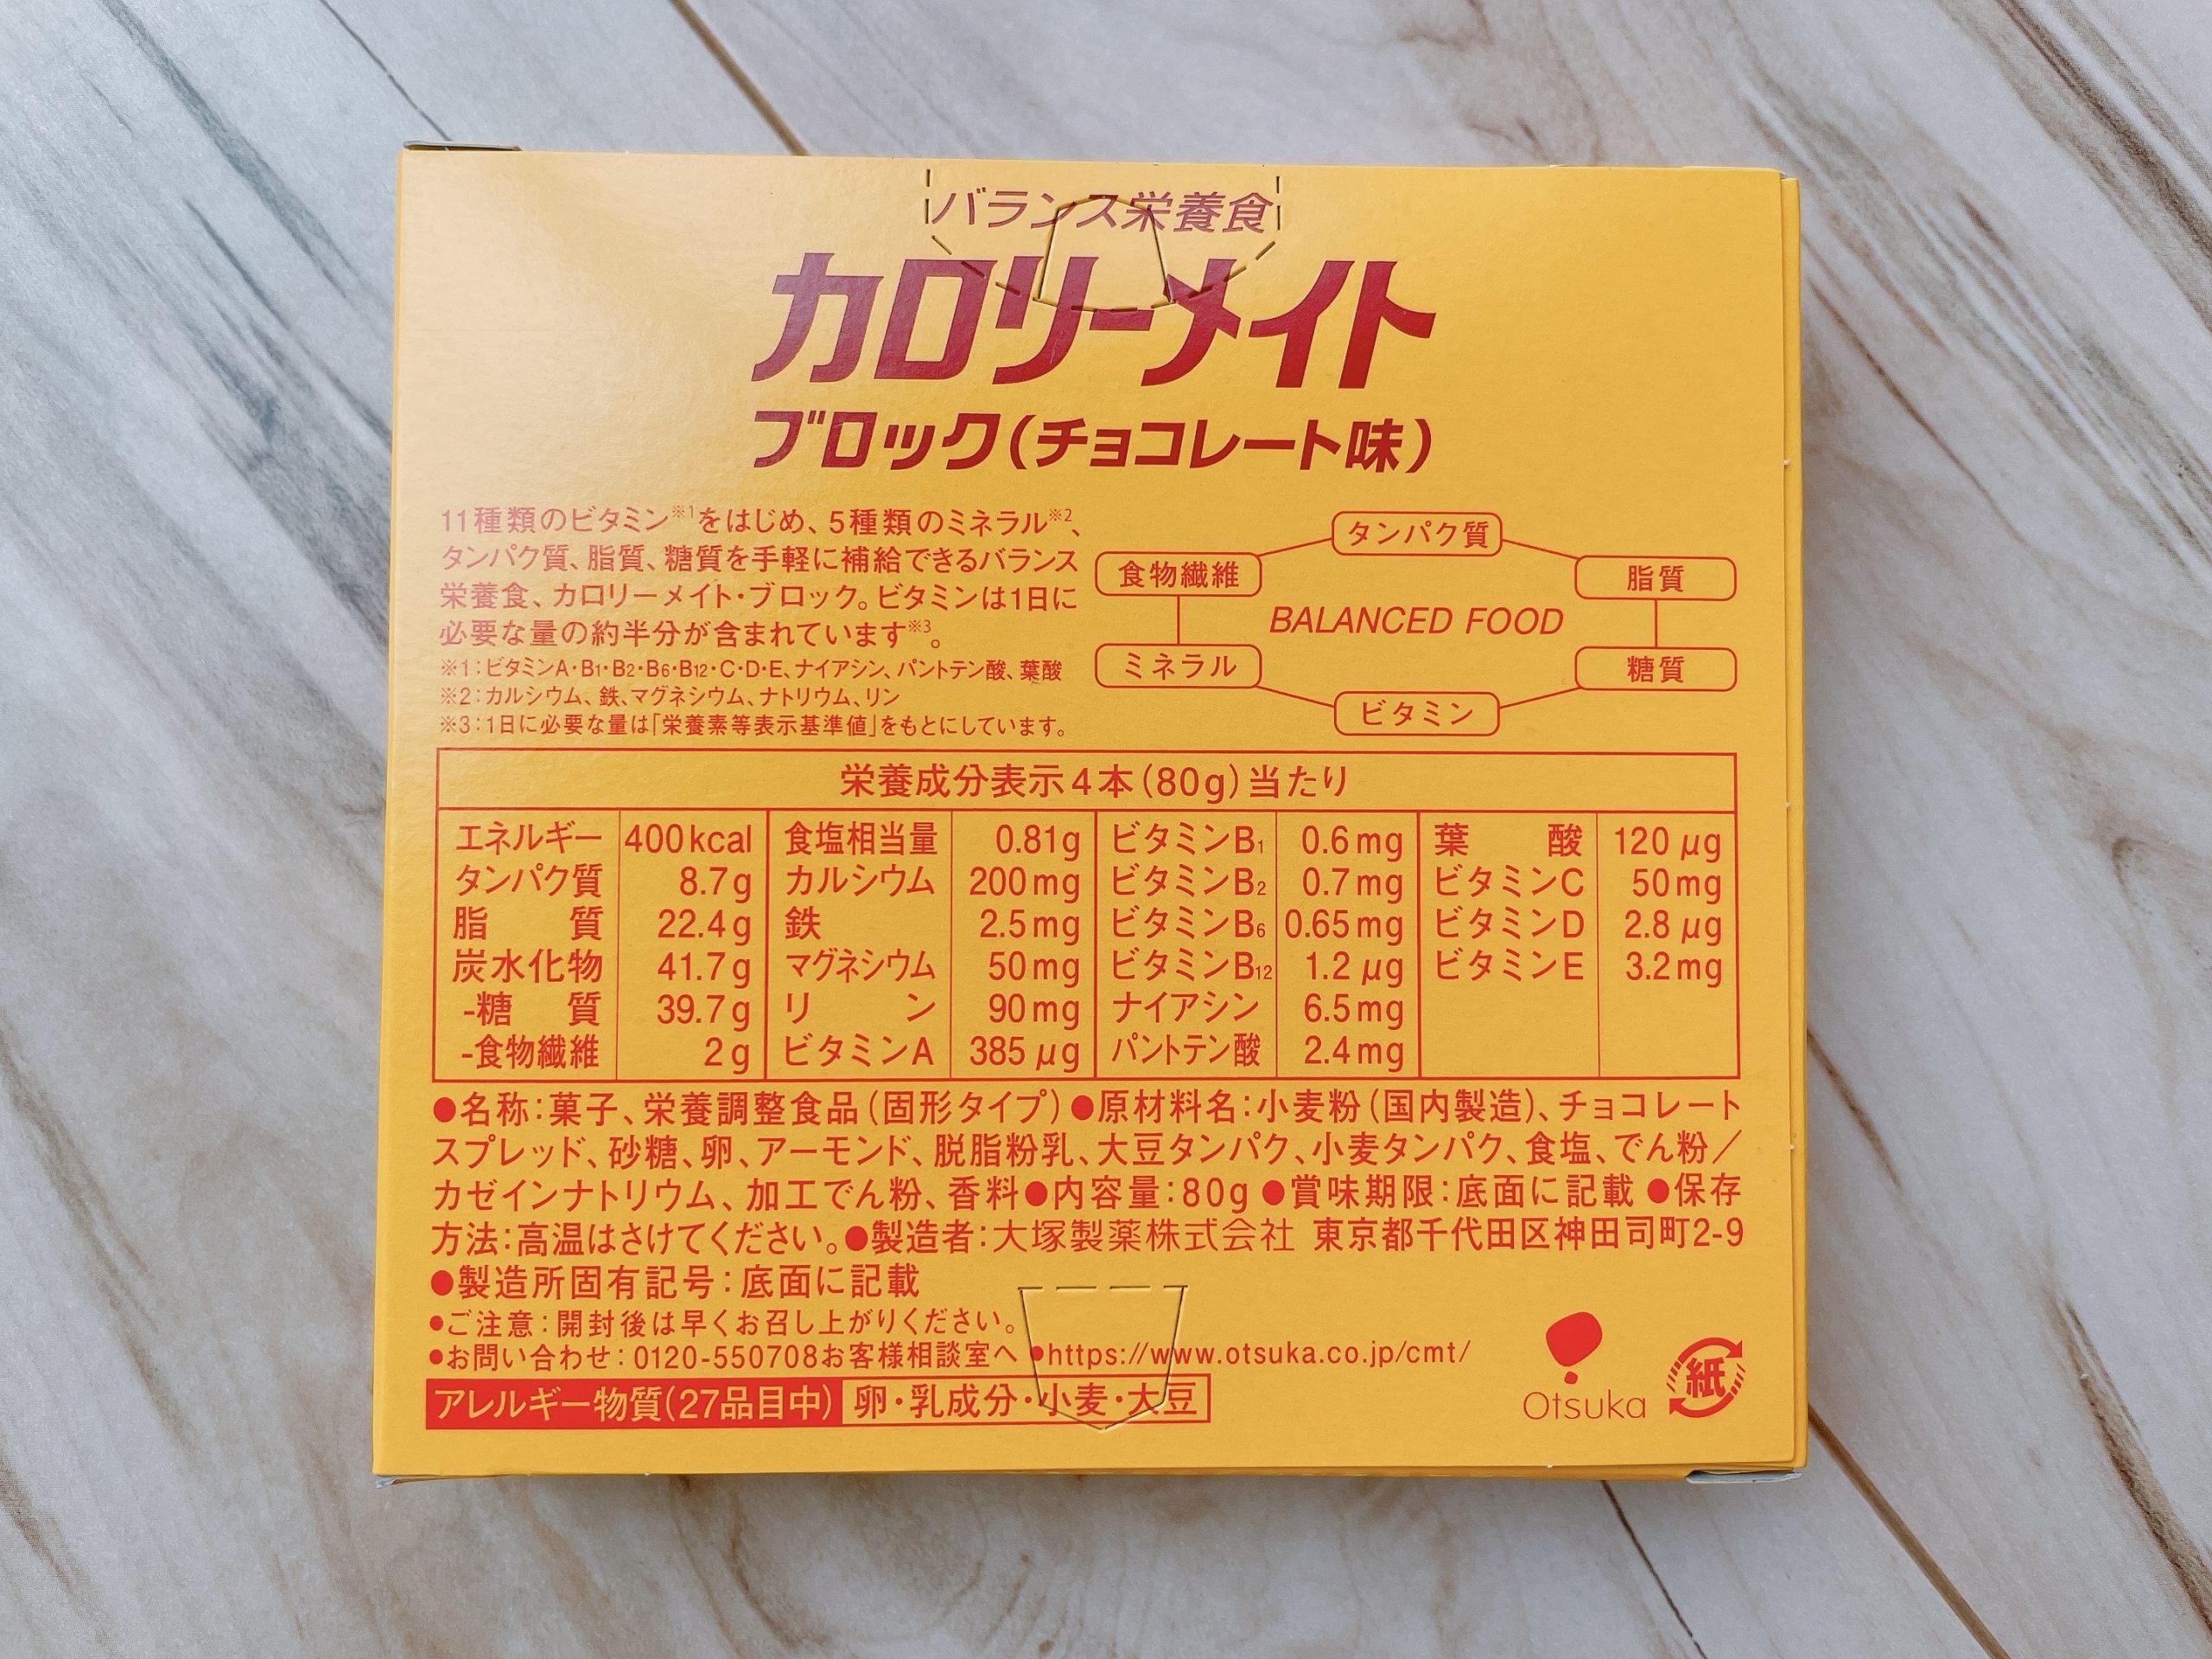 カロリーメイト ブロック チョコレート味の原材料やカロリーなど